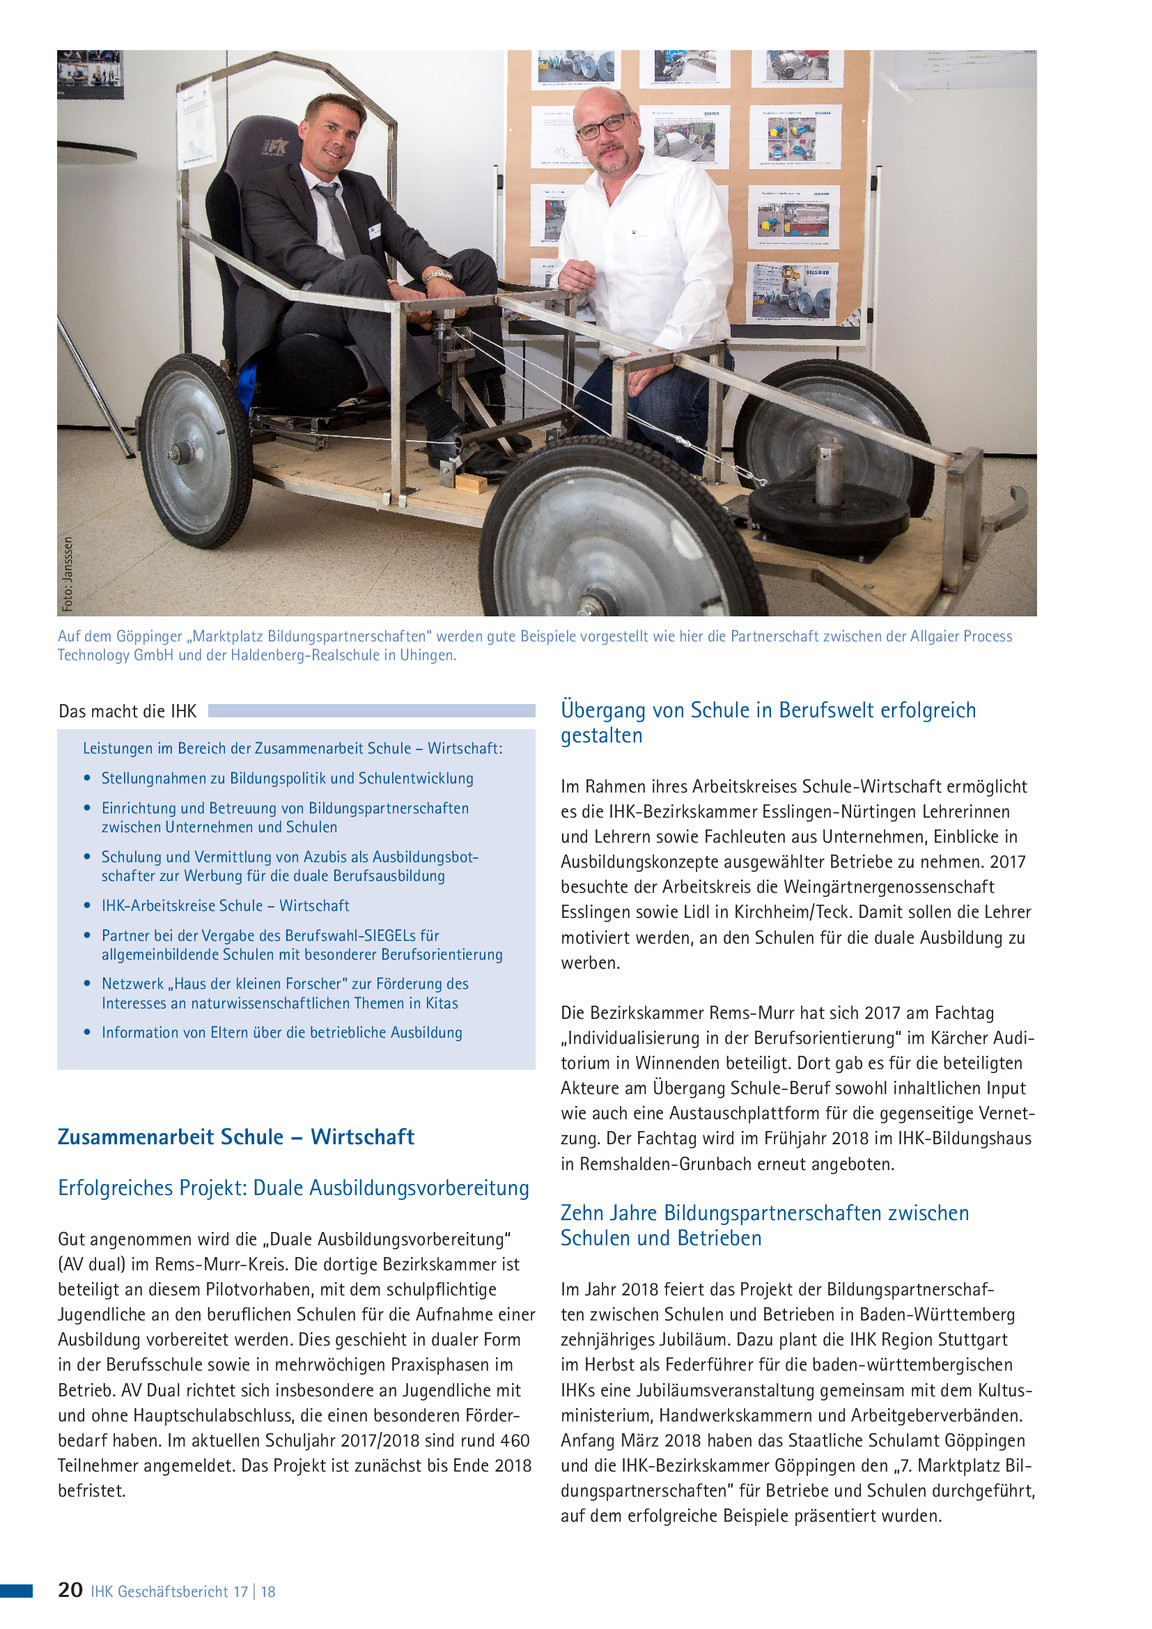 IHK-Geschäftsbericht 17/18 | IHK Stuttgart Magazin